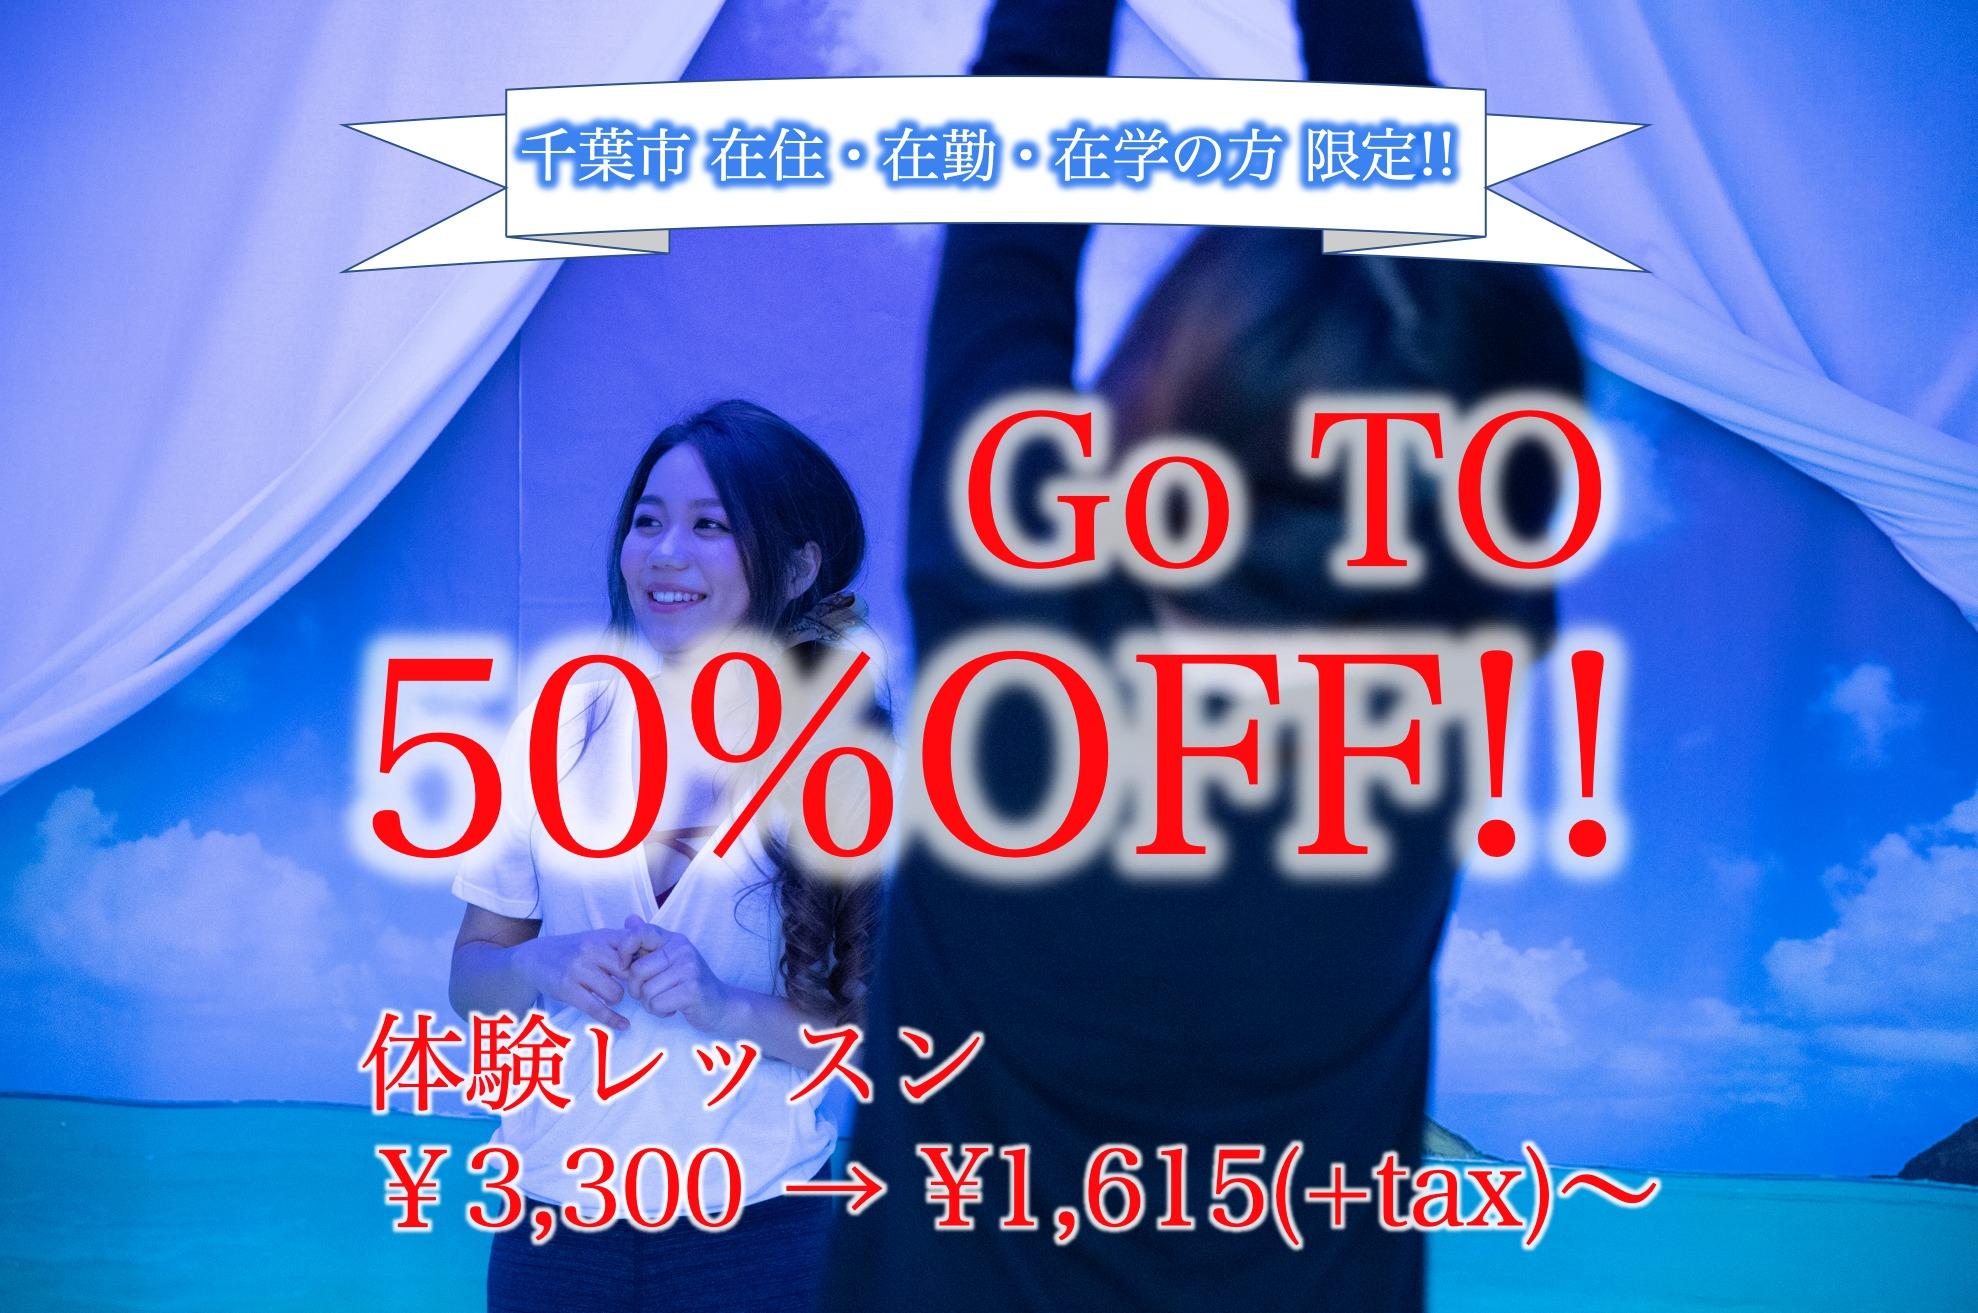 千葉市習い事応援キャンペーンヨガ【50%OFF】